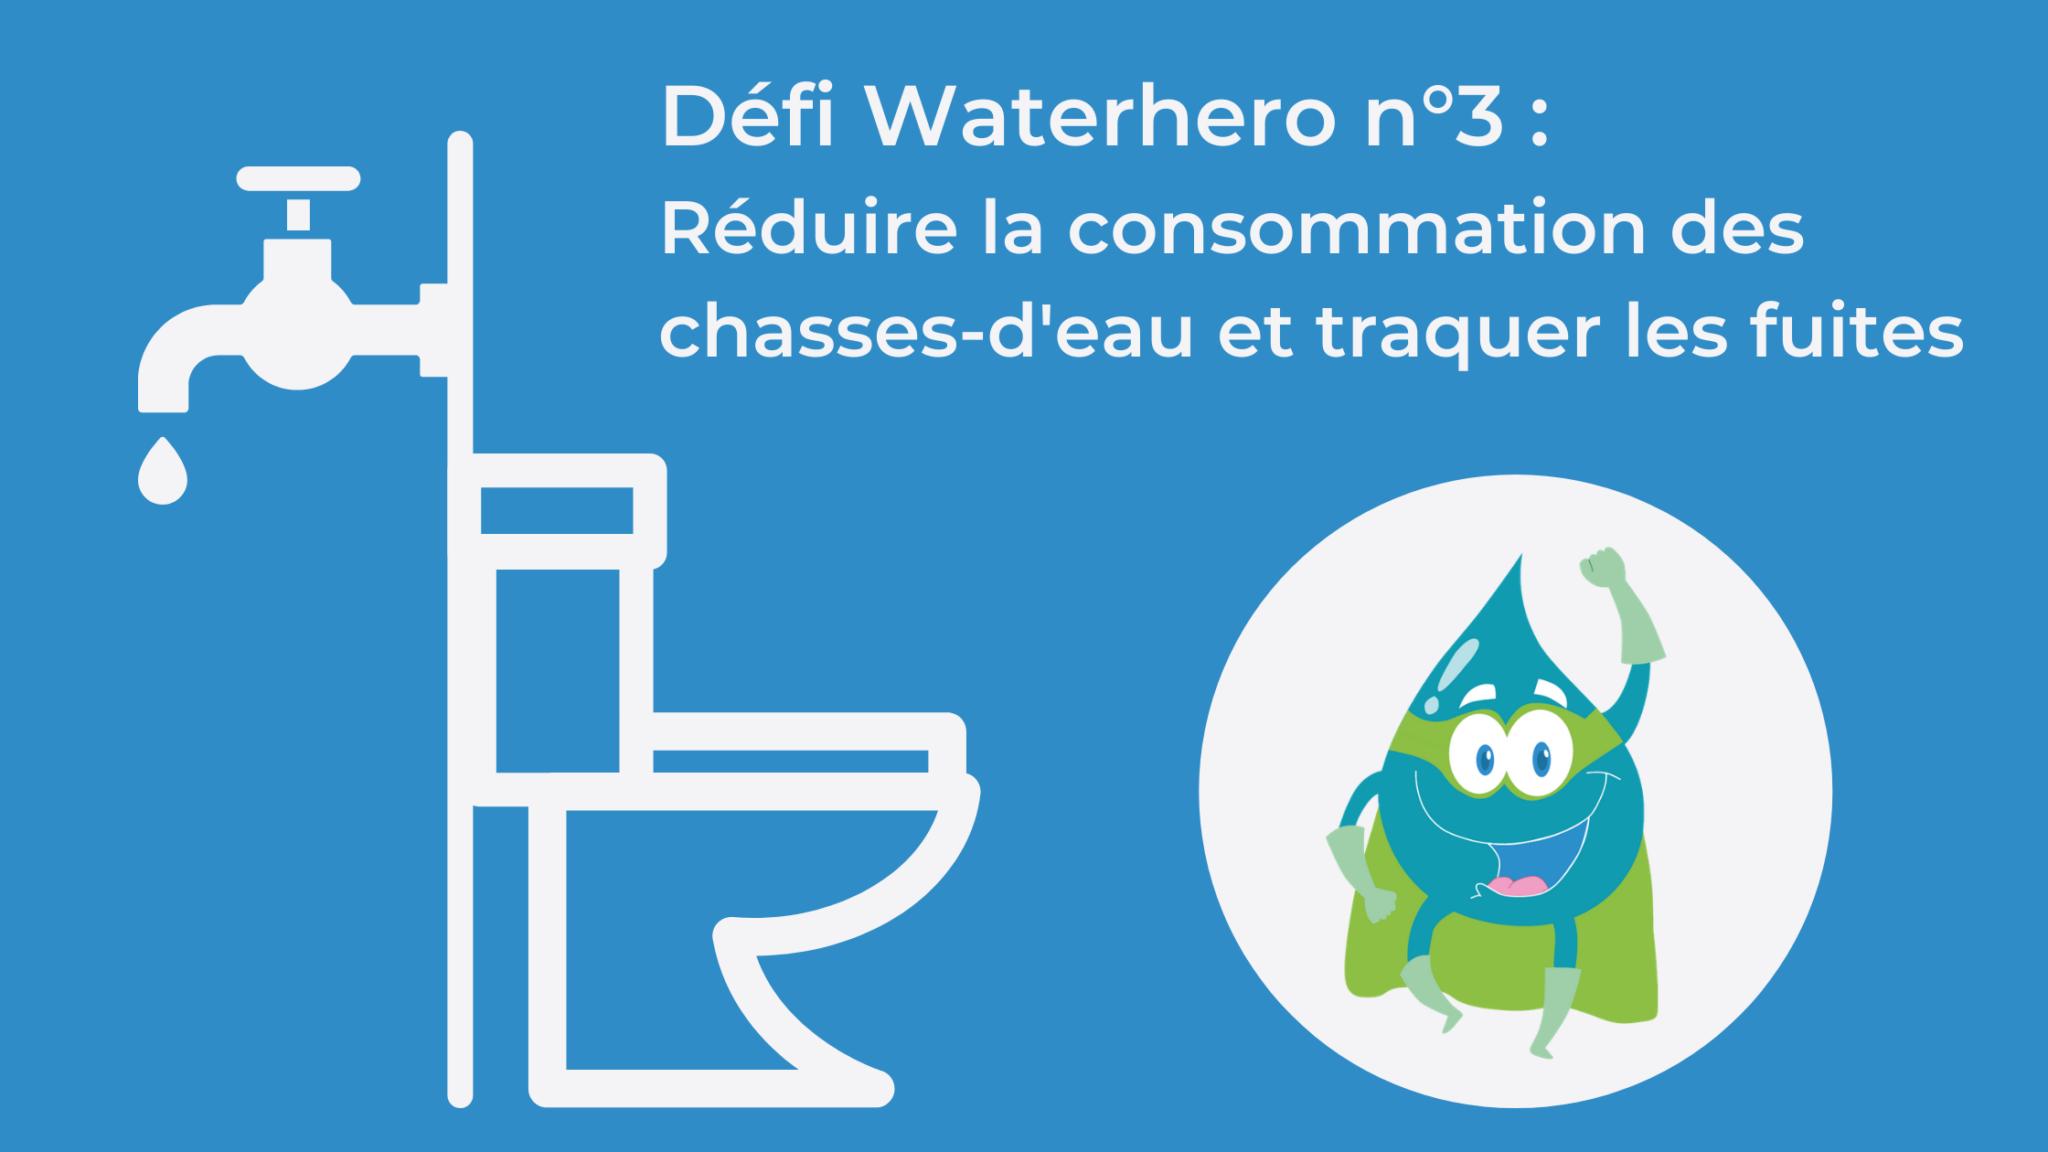 Défi waterhero n°3 : réduire sa consommation d'eau avec les toilettes et traquer les fuites